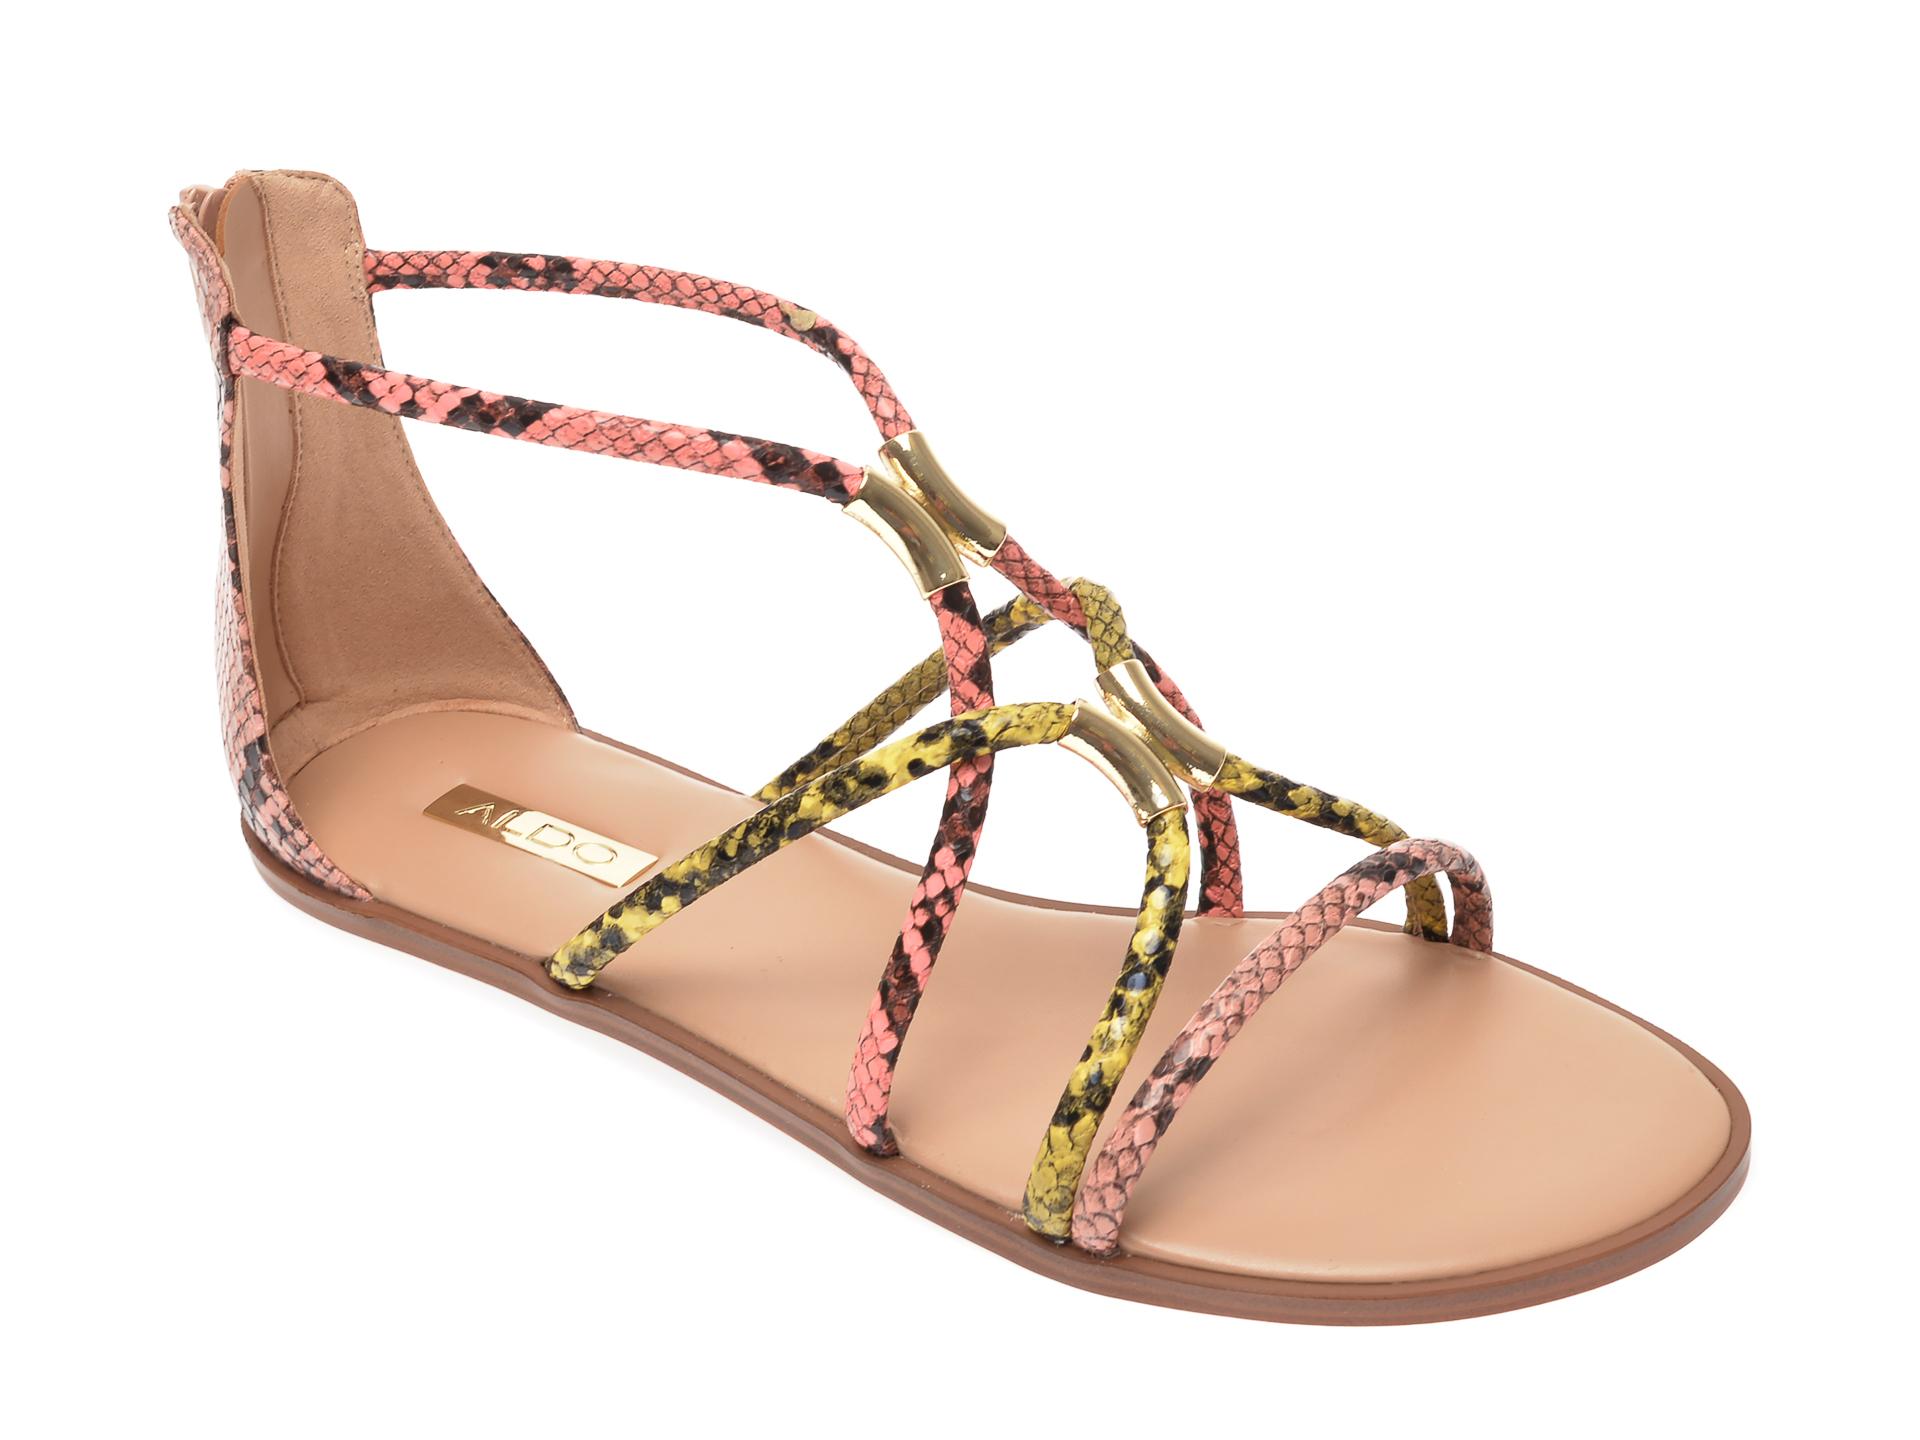 Sandale ALDO multicolore, Pozoa960, din piele ecologica